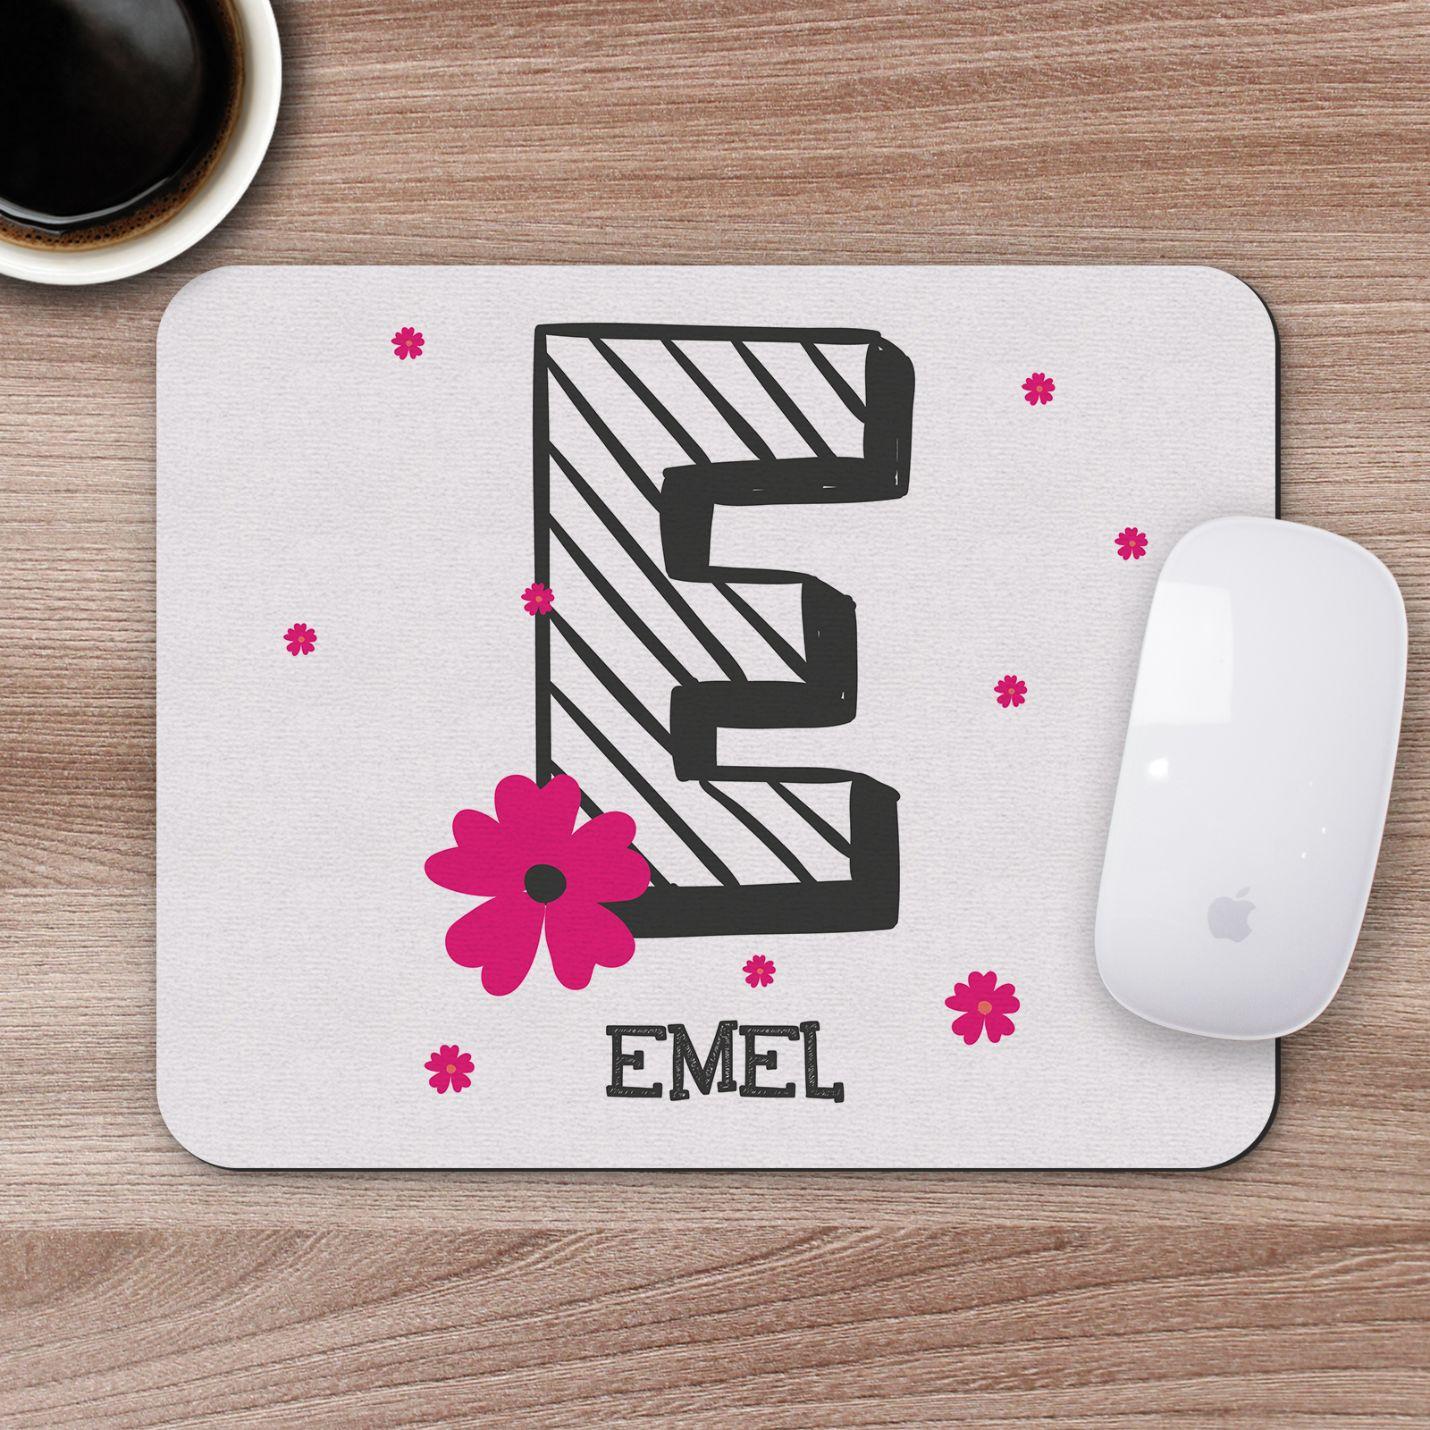 Kişiye Özel İsim Yazılı Mousepad - M6